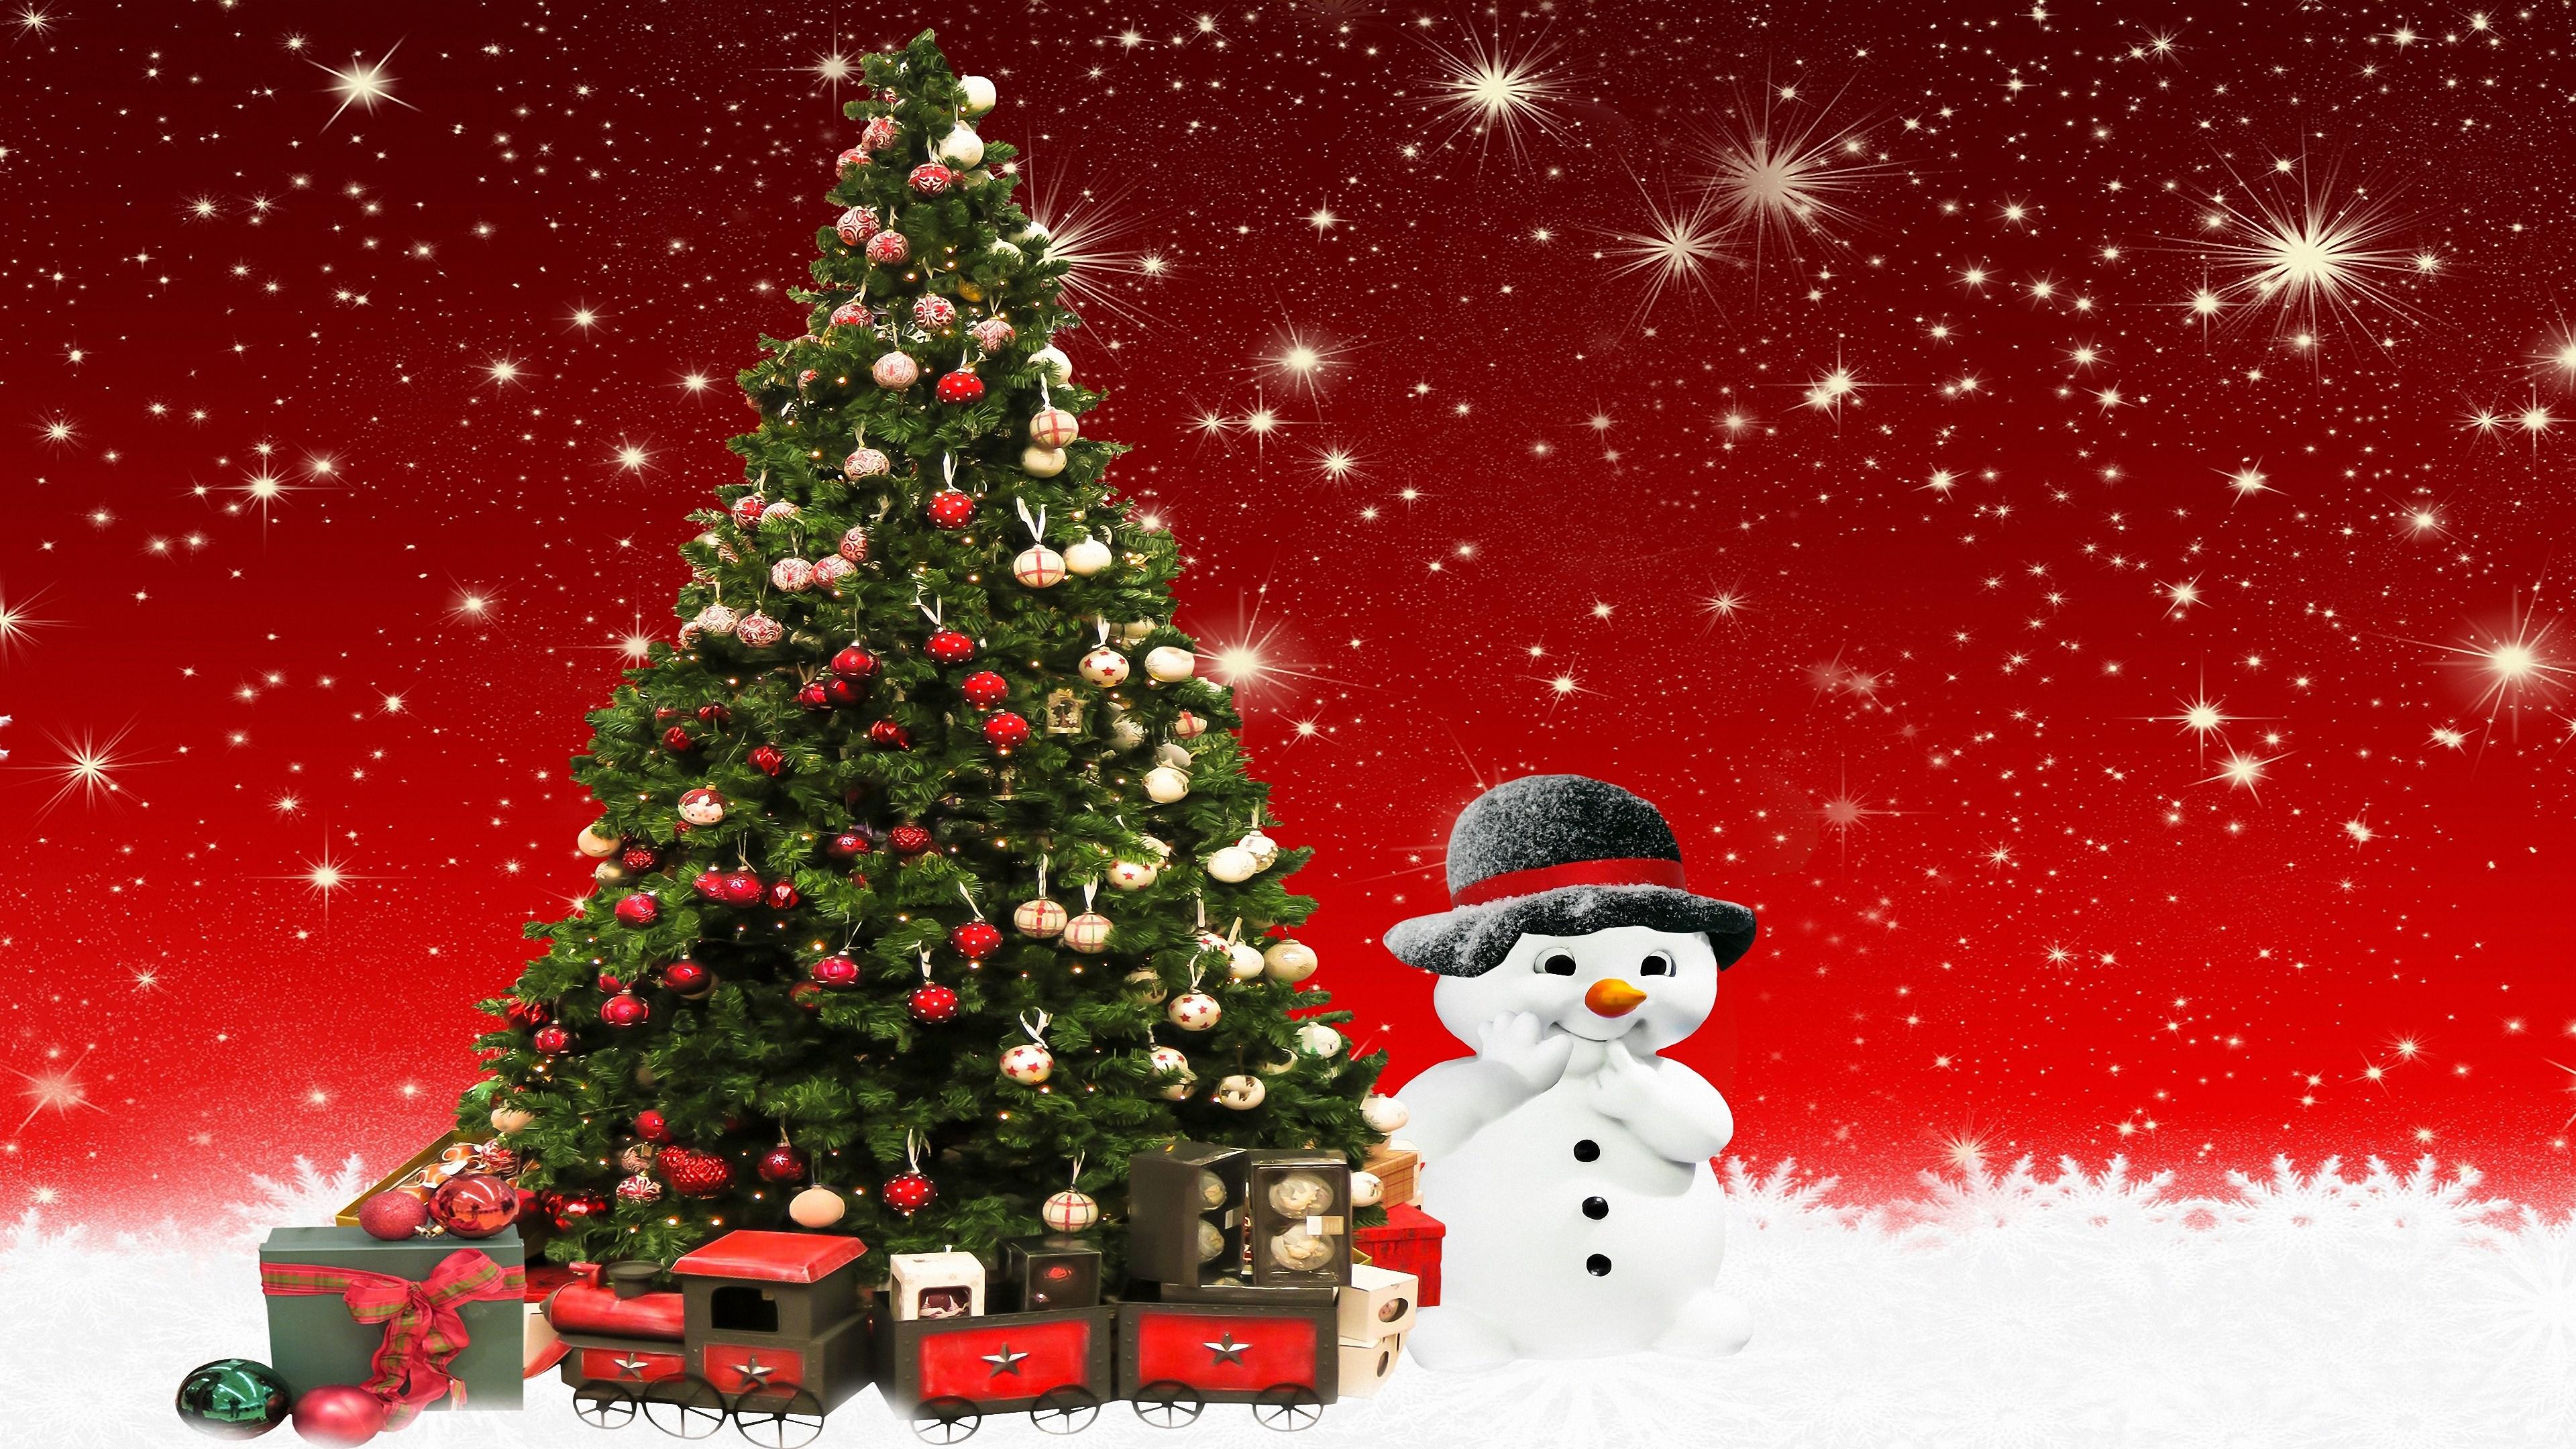 weihnachten hintergrundbilder 3840x2160. Black Bedroom Furniture Sets. Home Design Ideas